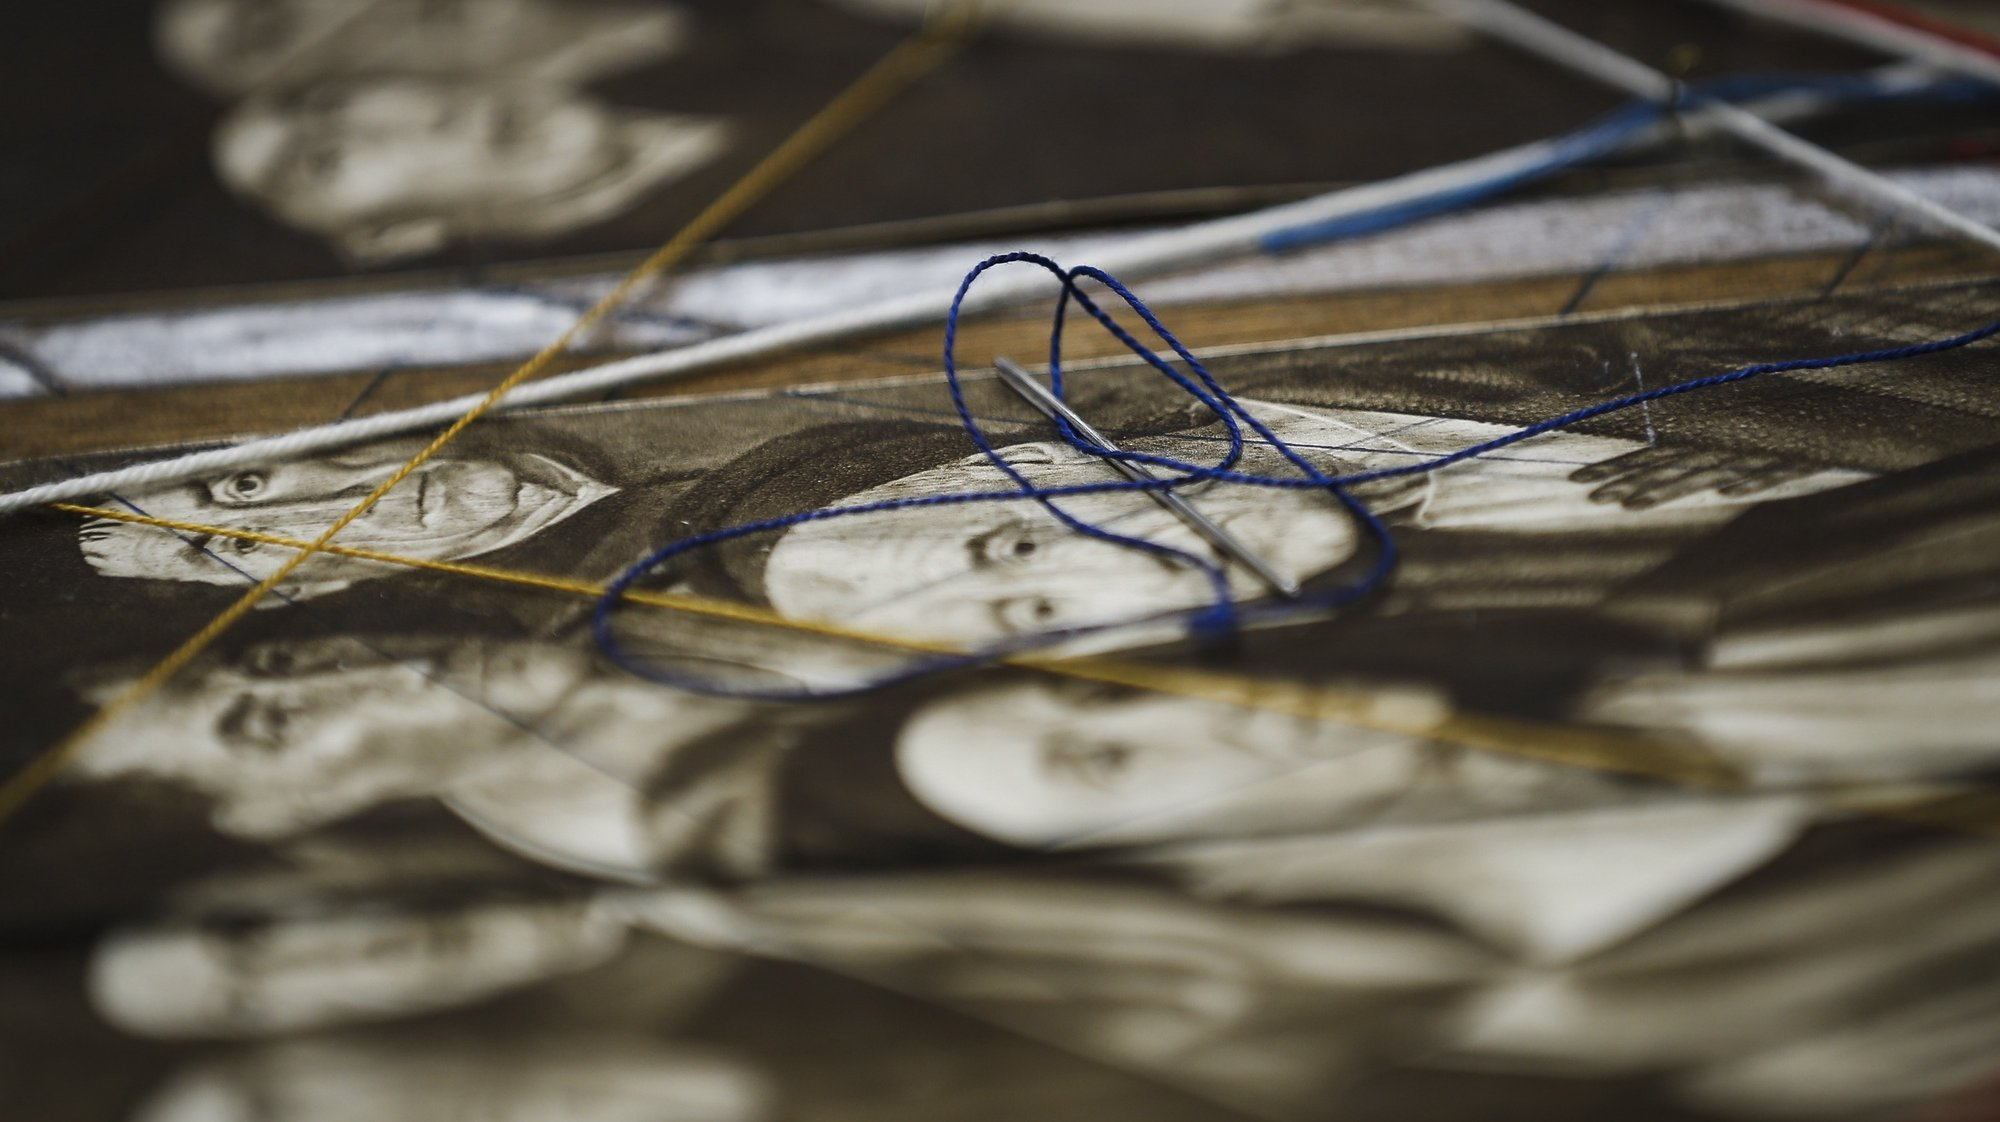 Reportagem sobre restauro de peças do Almada Negreiros, no Instituto José de Figueiredo, em Lisboa, 17 de setembro de 2020. (ACOMPANHA TEXTO DE 19 DE SETEMBRO QUE 2020). RODRIGO ANTUNES/LUSA